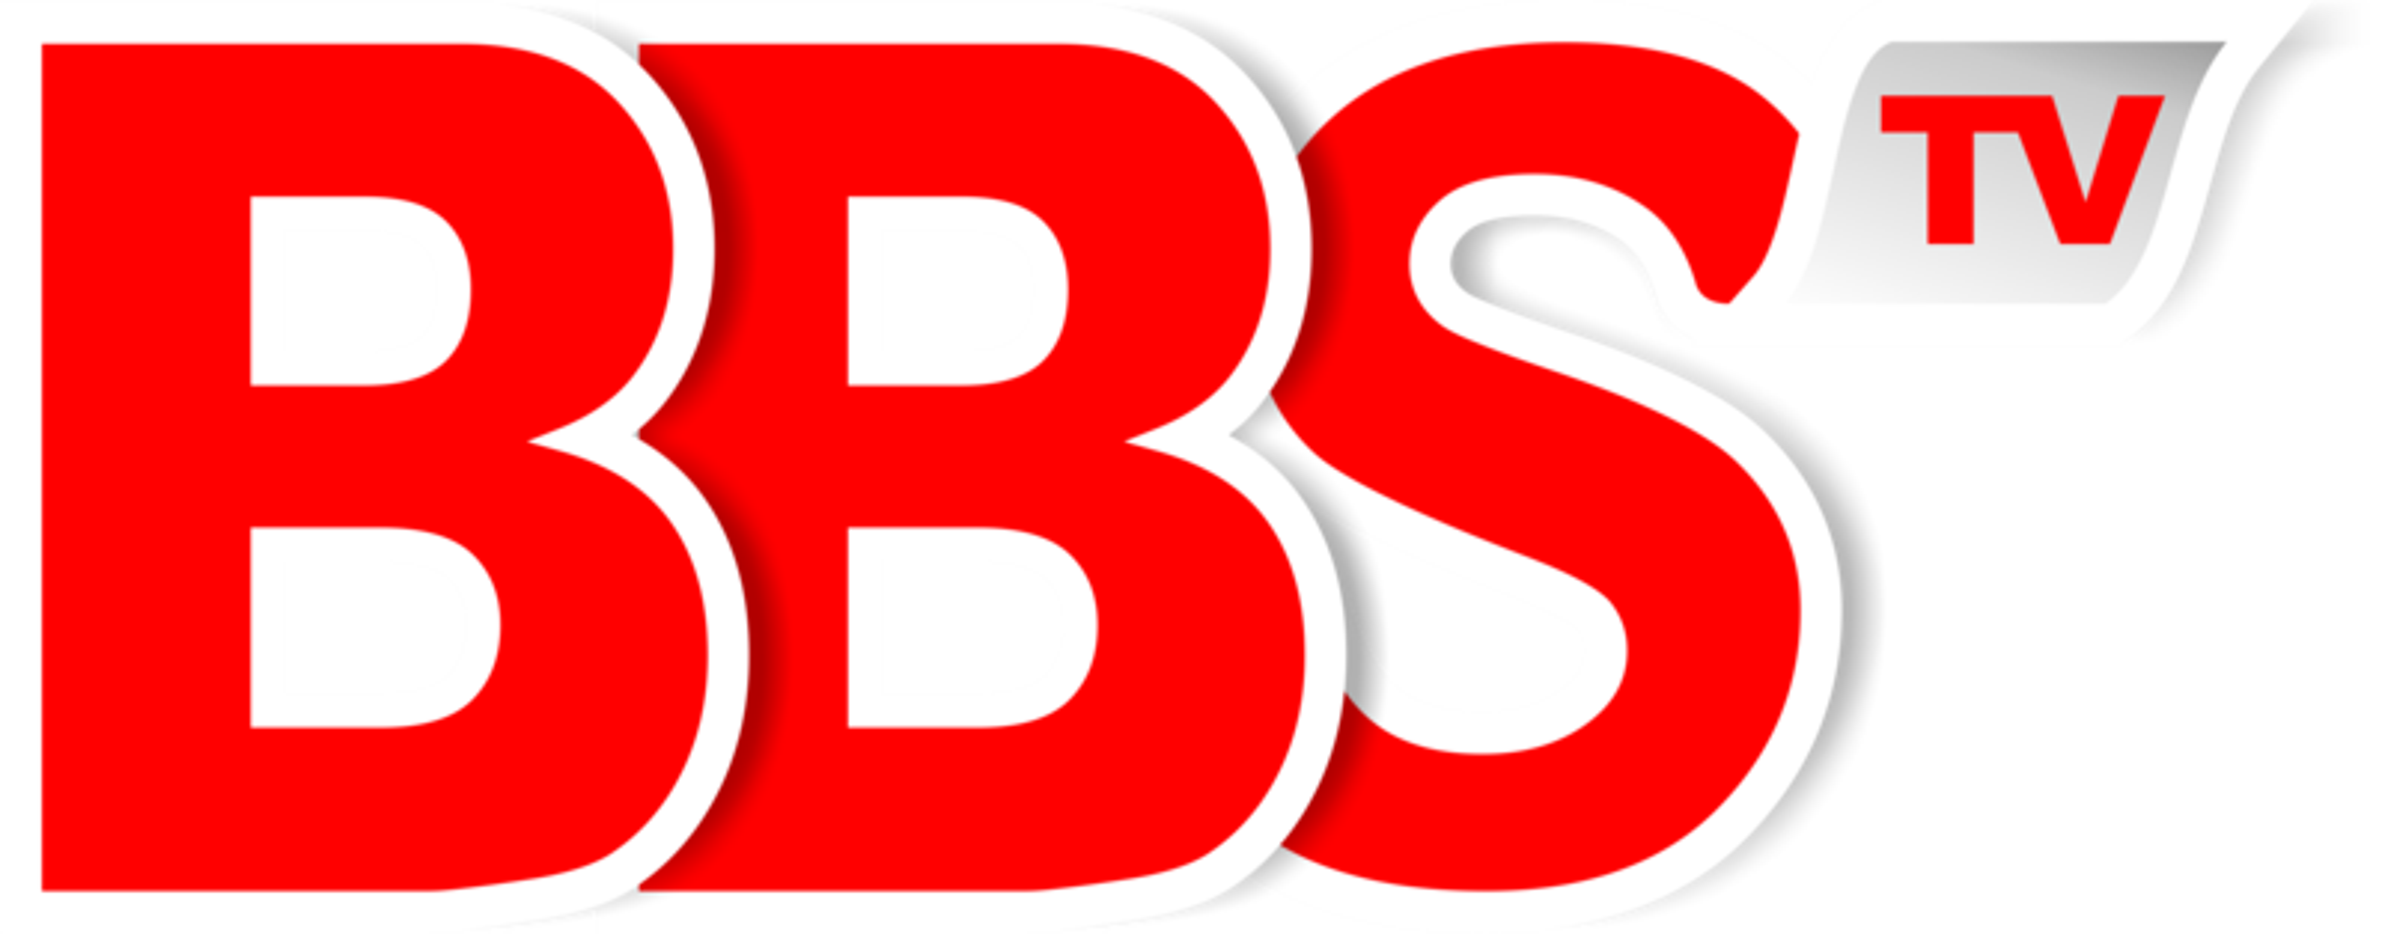 BBS TV